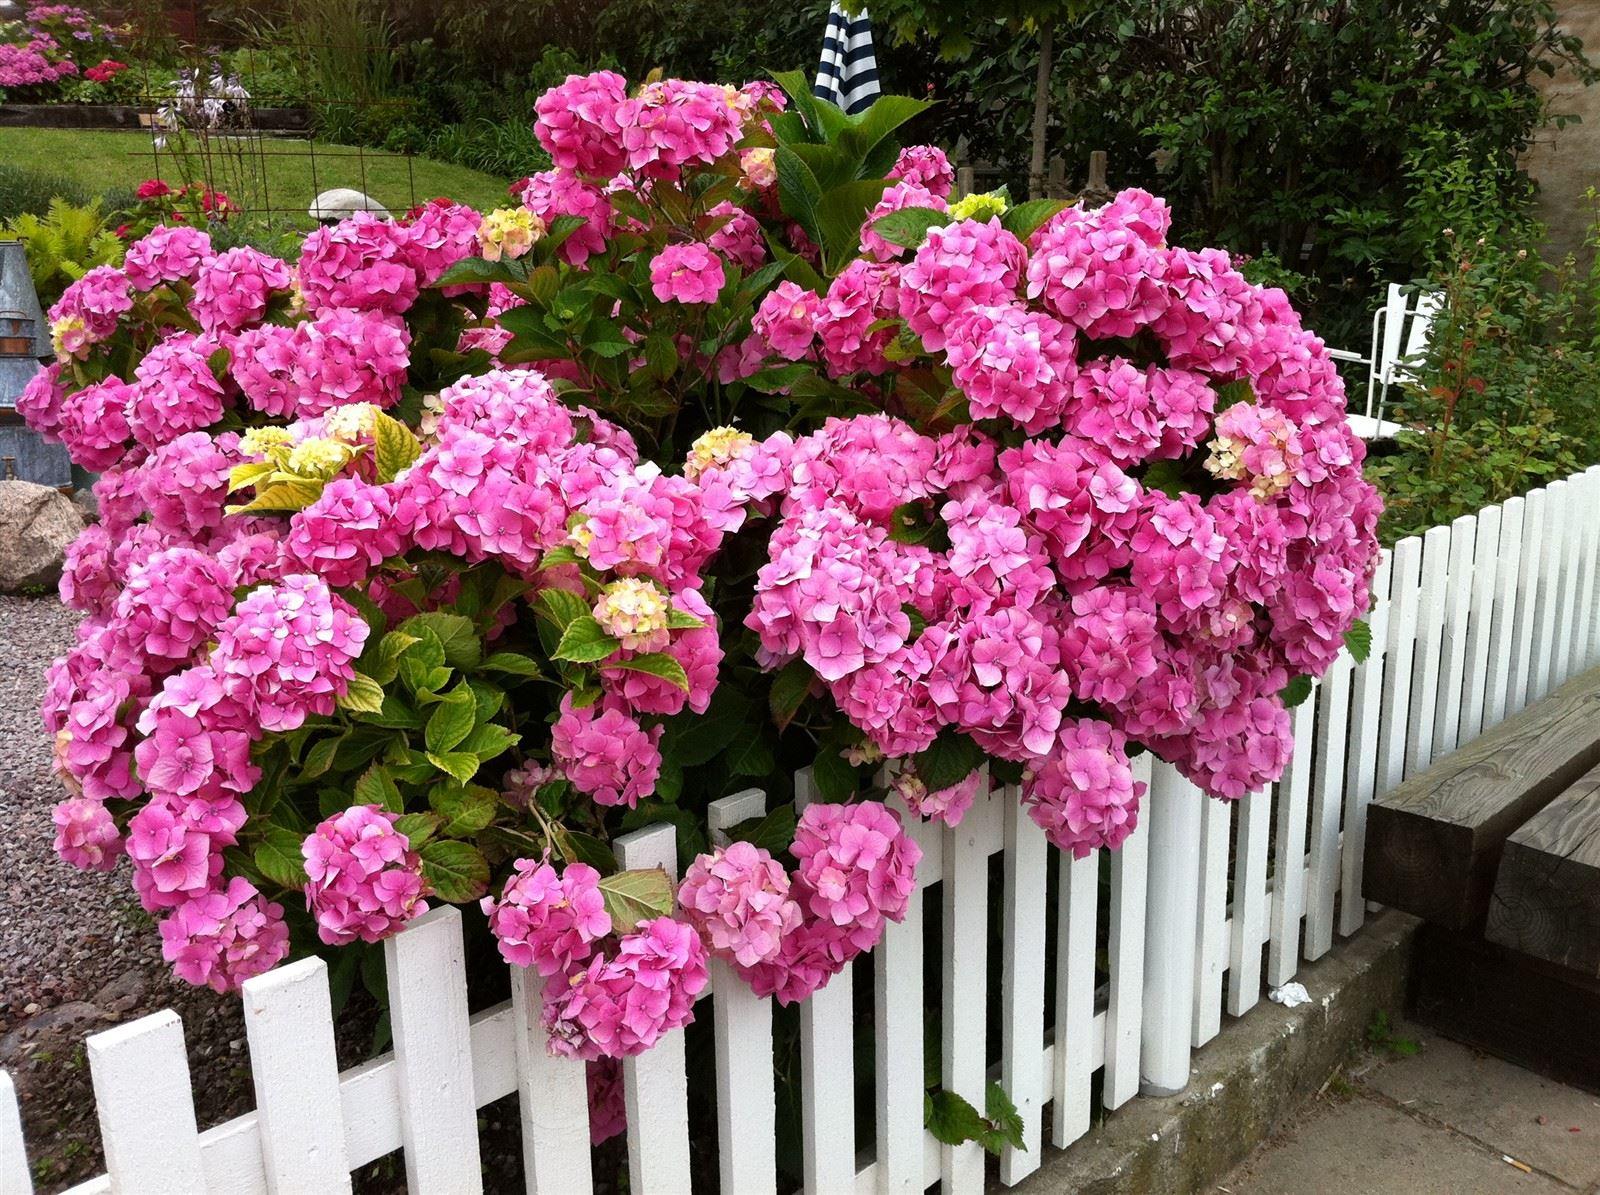 Hortensiatiden på Ven - värda ett besök : Fantastiska buskar